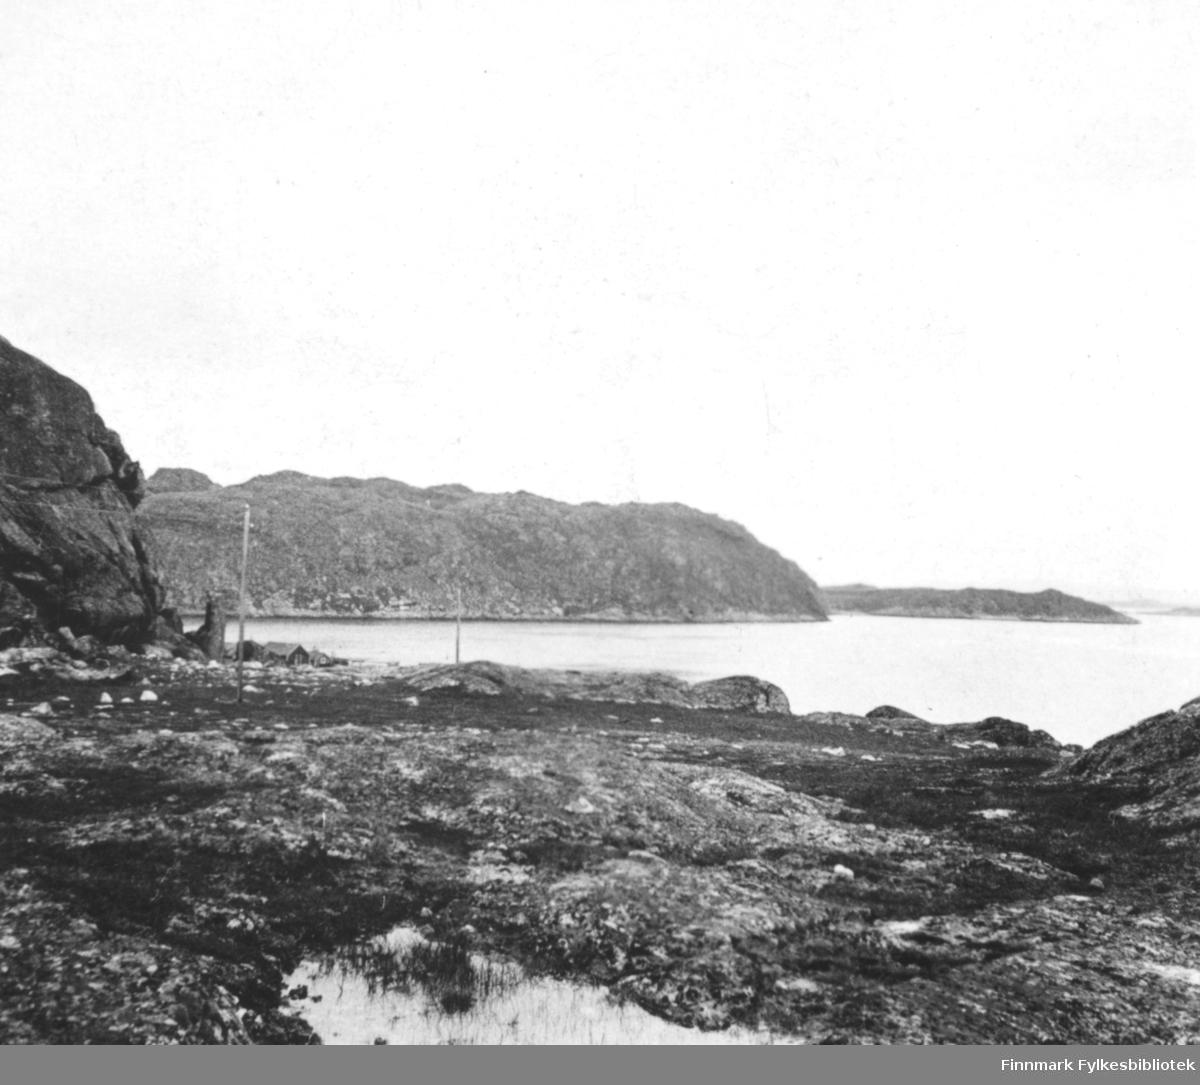 Landskapsbilde fotografert fra Adamsfjord? Bildet er fotografert med stereokamera, men bildeparene er ikke identiske. Begge bildene har samme motiv.